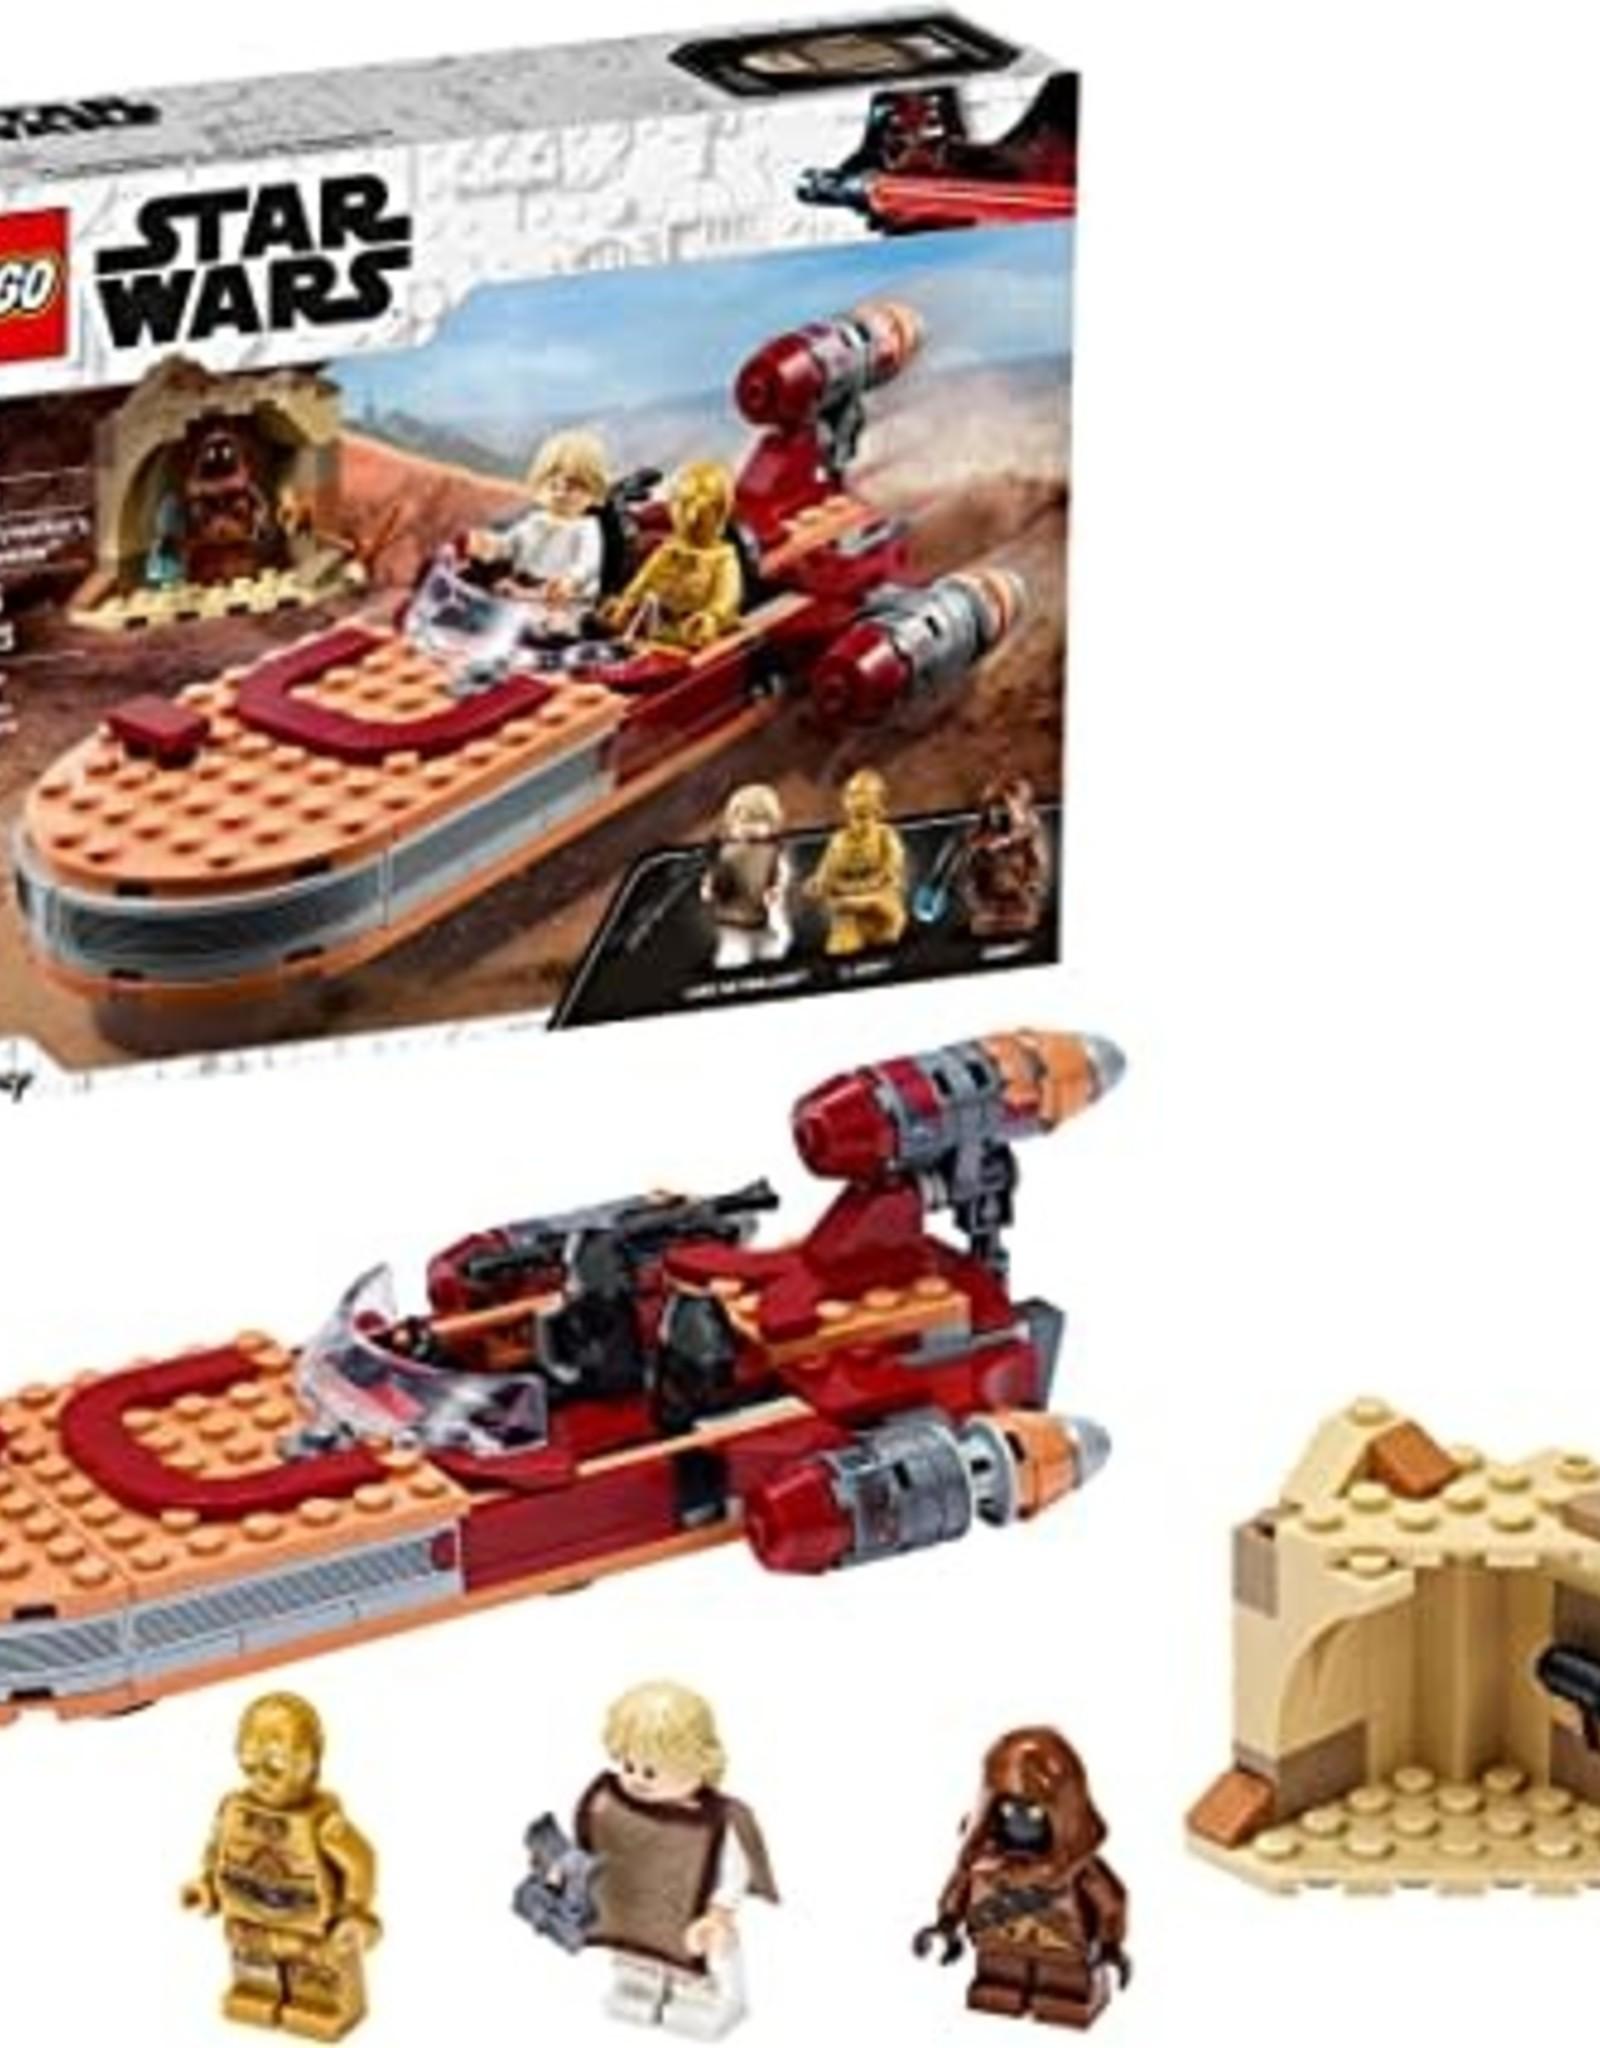 Luke Skywalker's Landspeeder lego